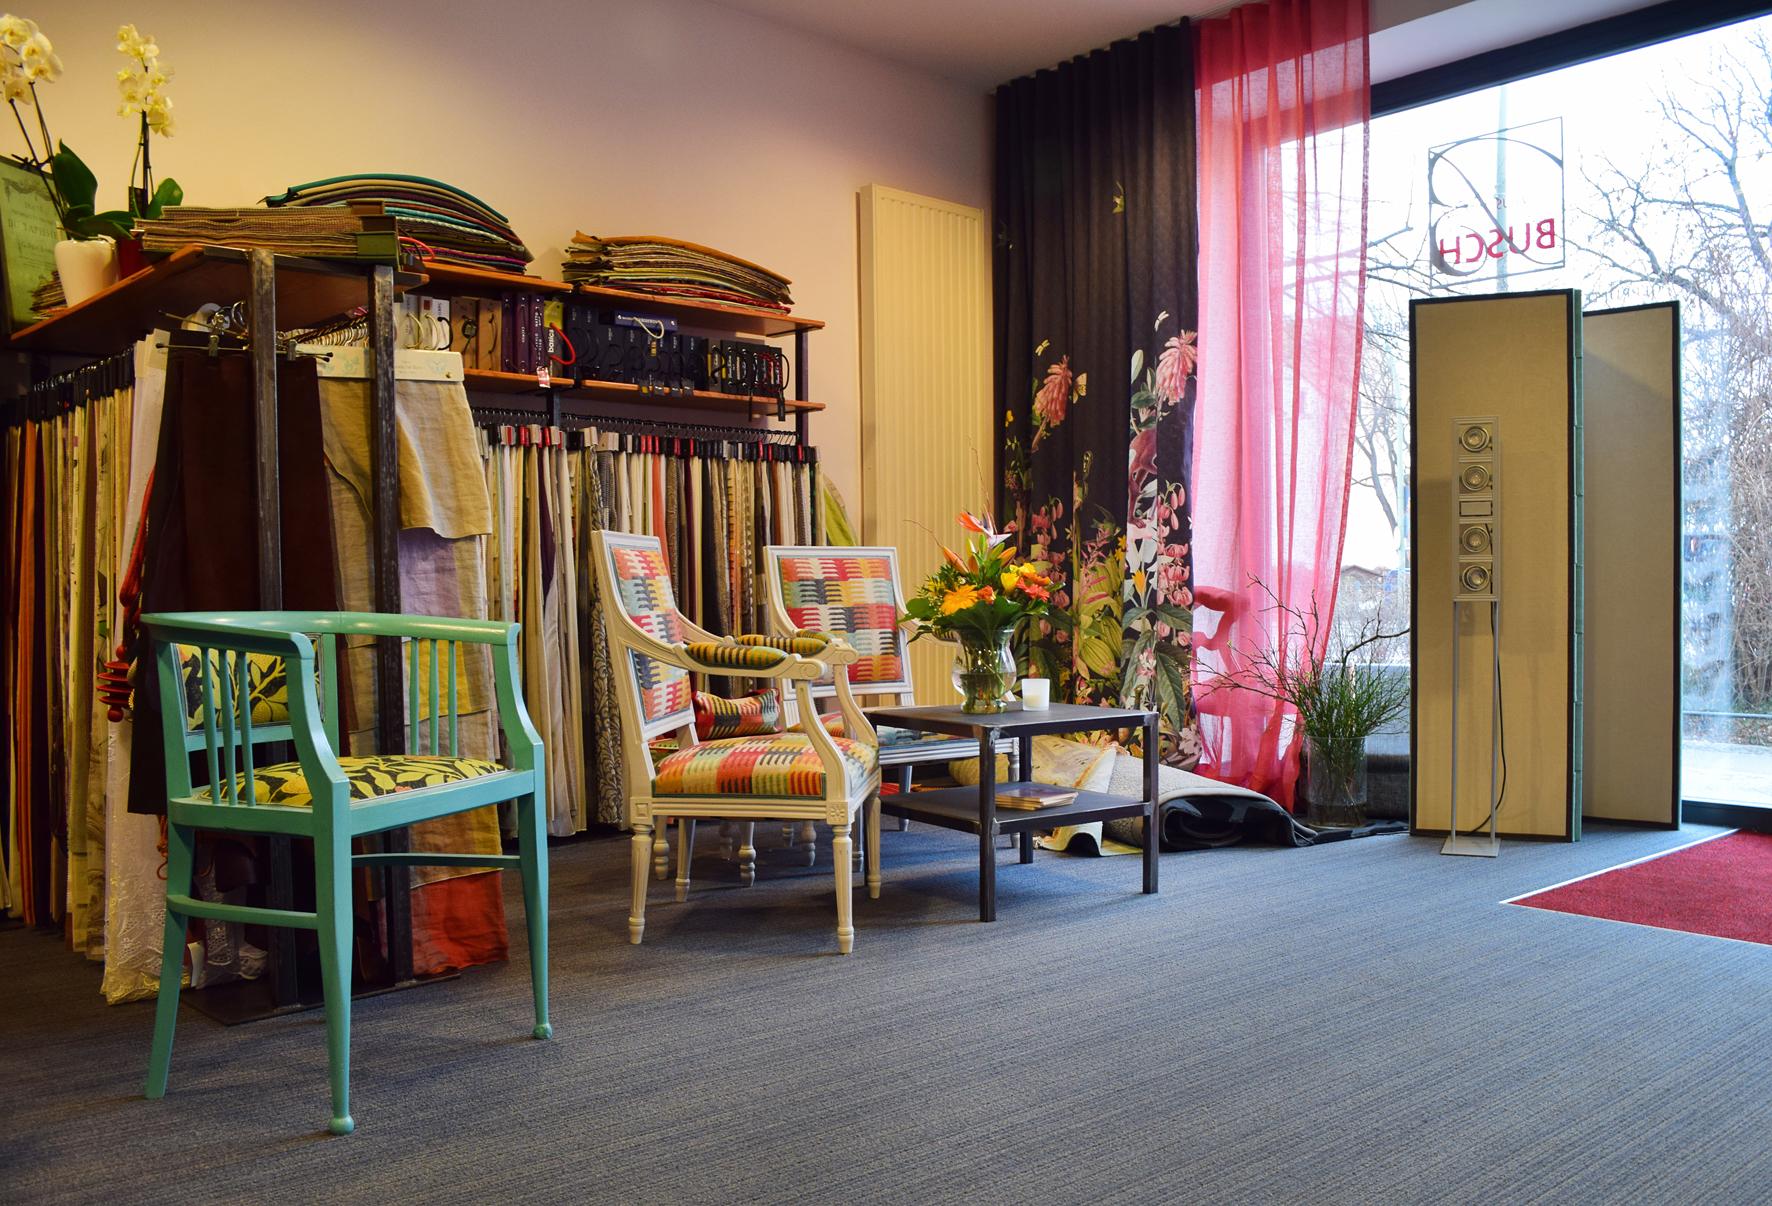 raumausstattung busch in 13187 berlin. Black Bedroom Furniture Sets. Home Design Ideas